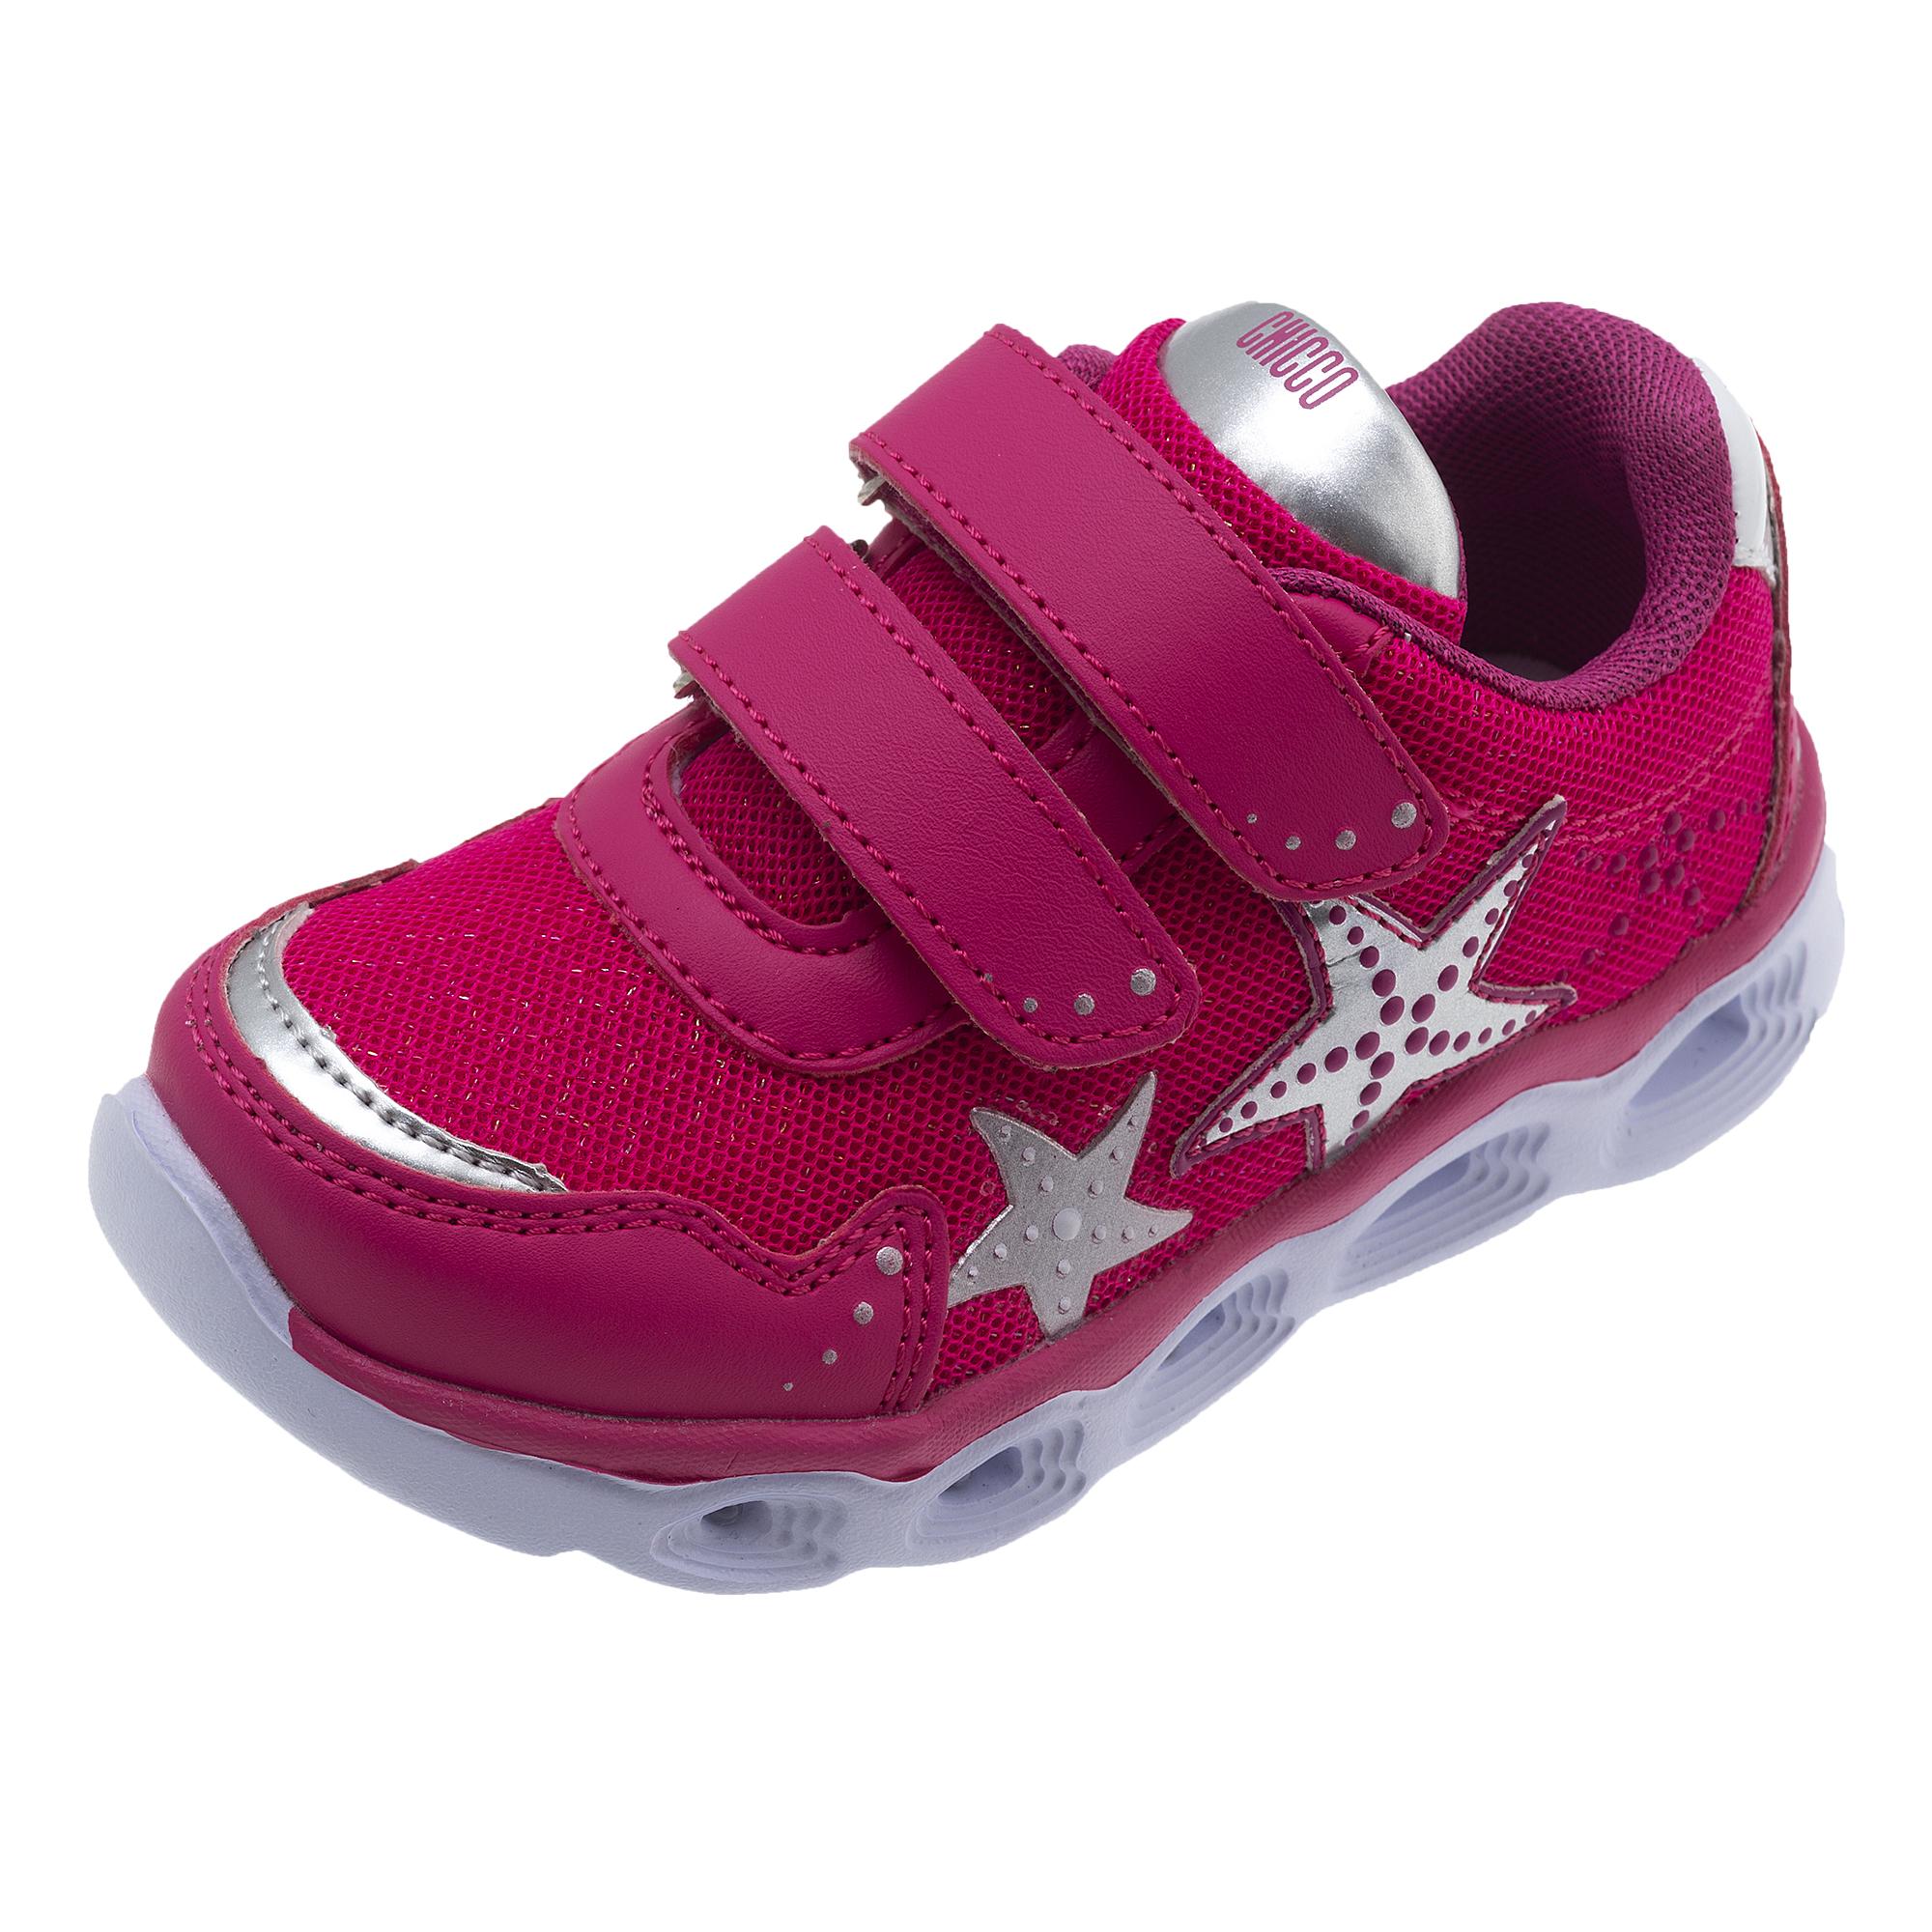 Adidasi Copii Chicco Cometas, Roz, 63641 imagine